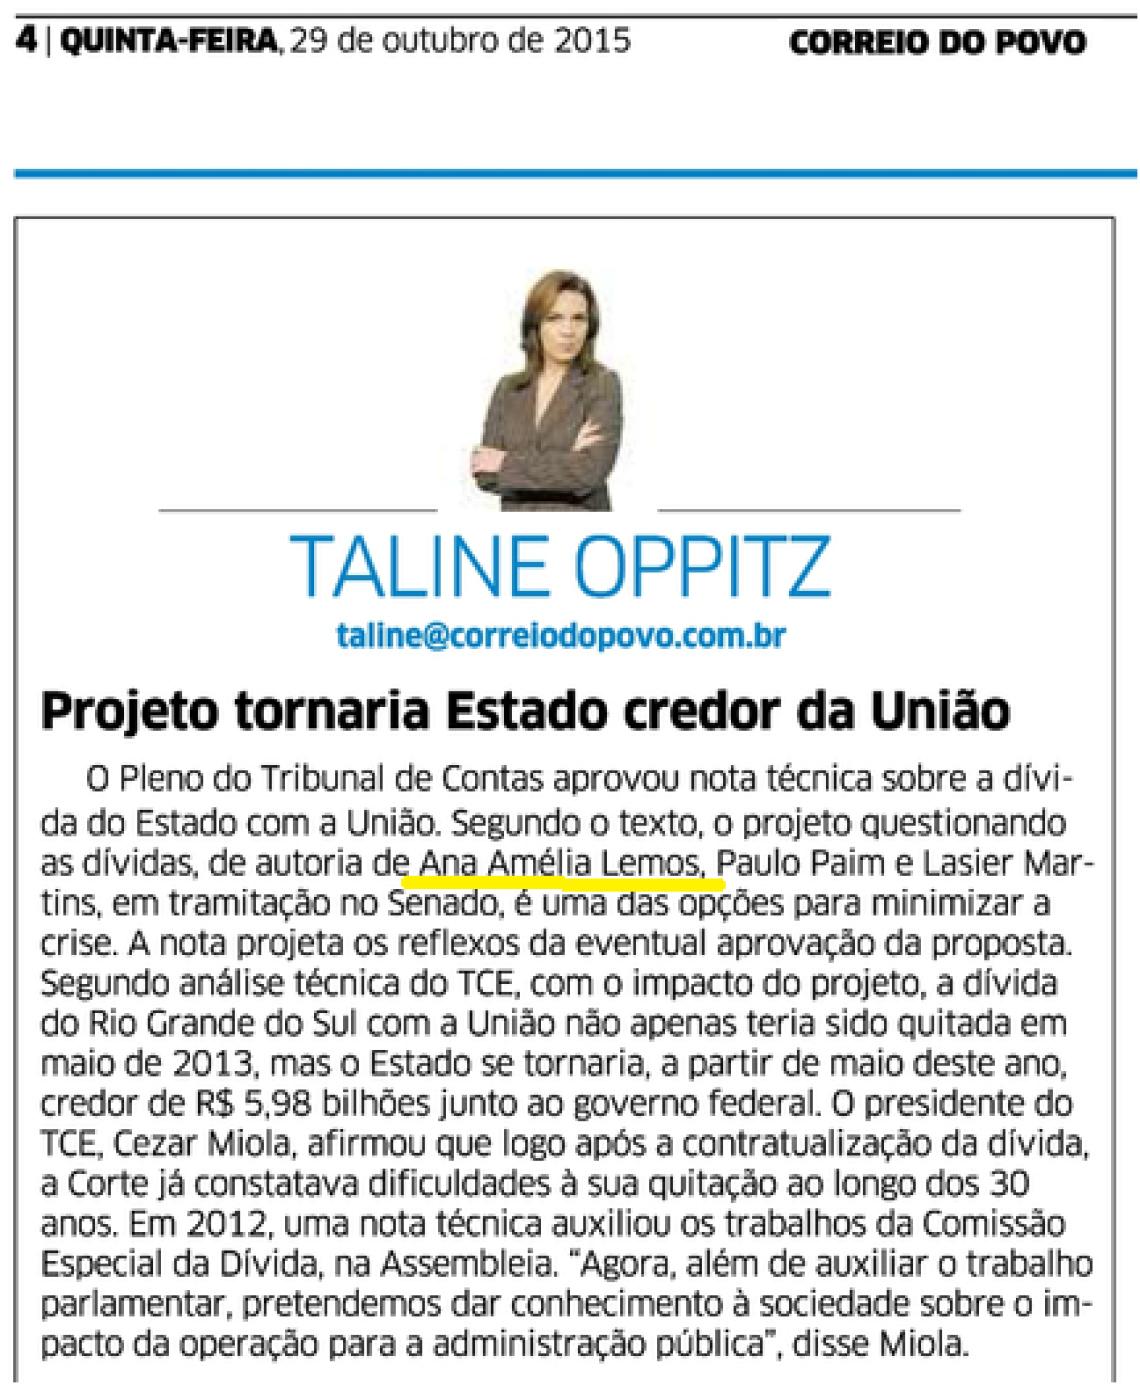 Correio do Povo: Taline Oppitz - Projeto tornaria Estado credor da União